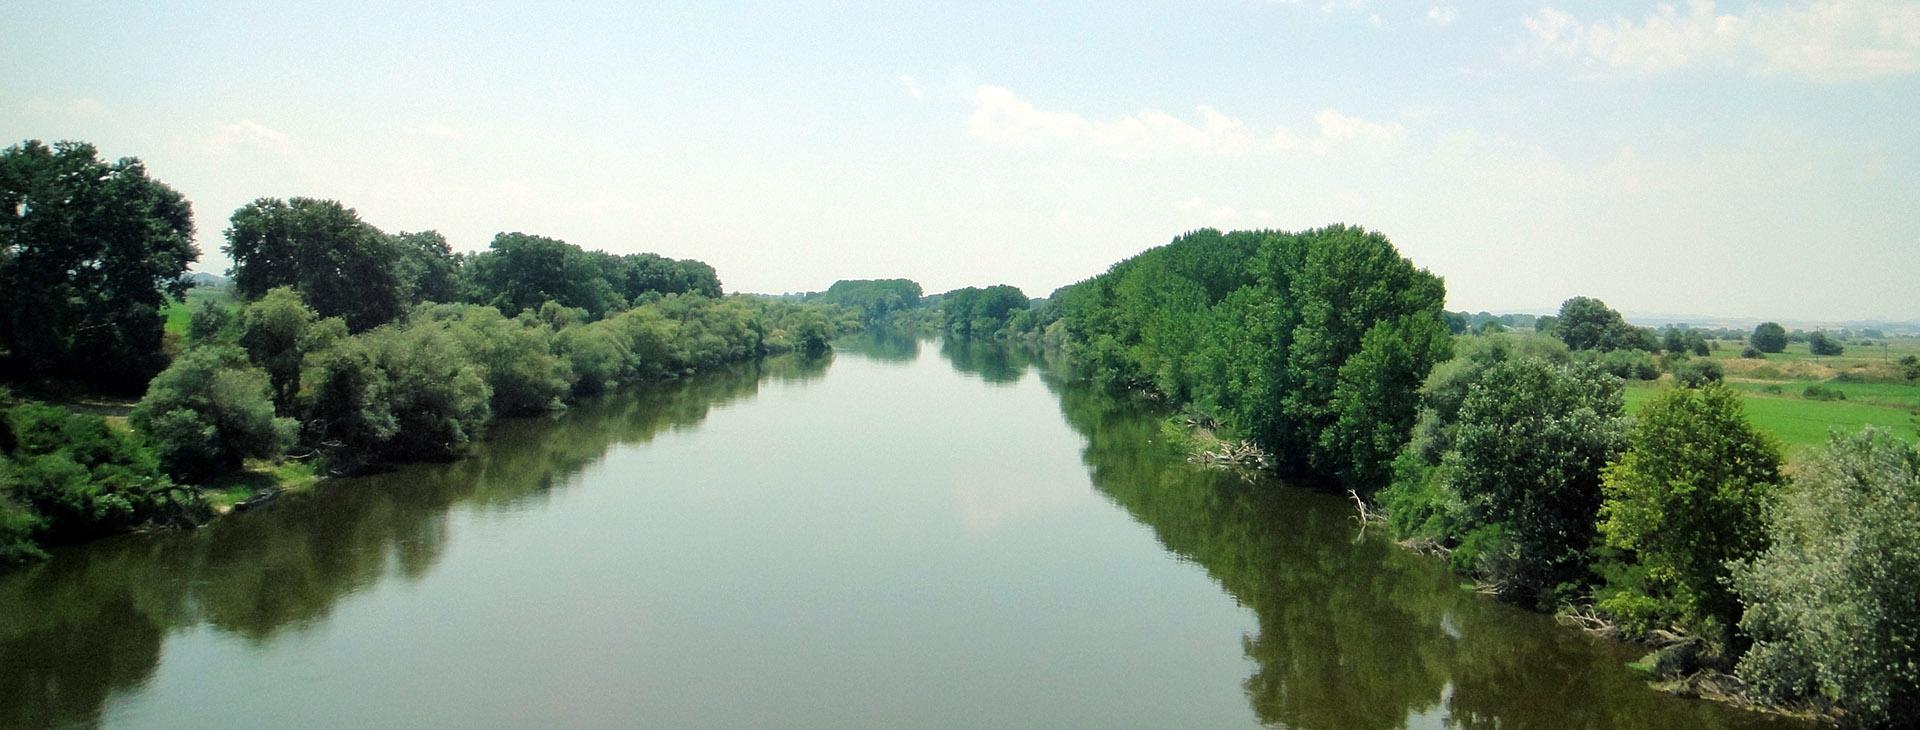 Evros river, Evros